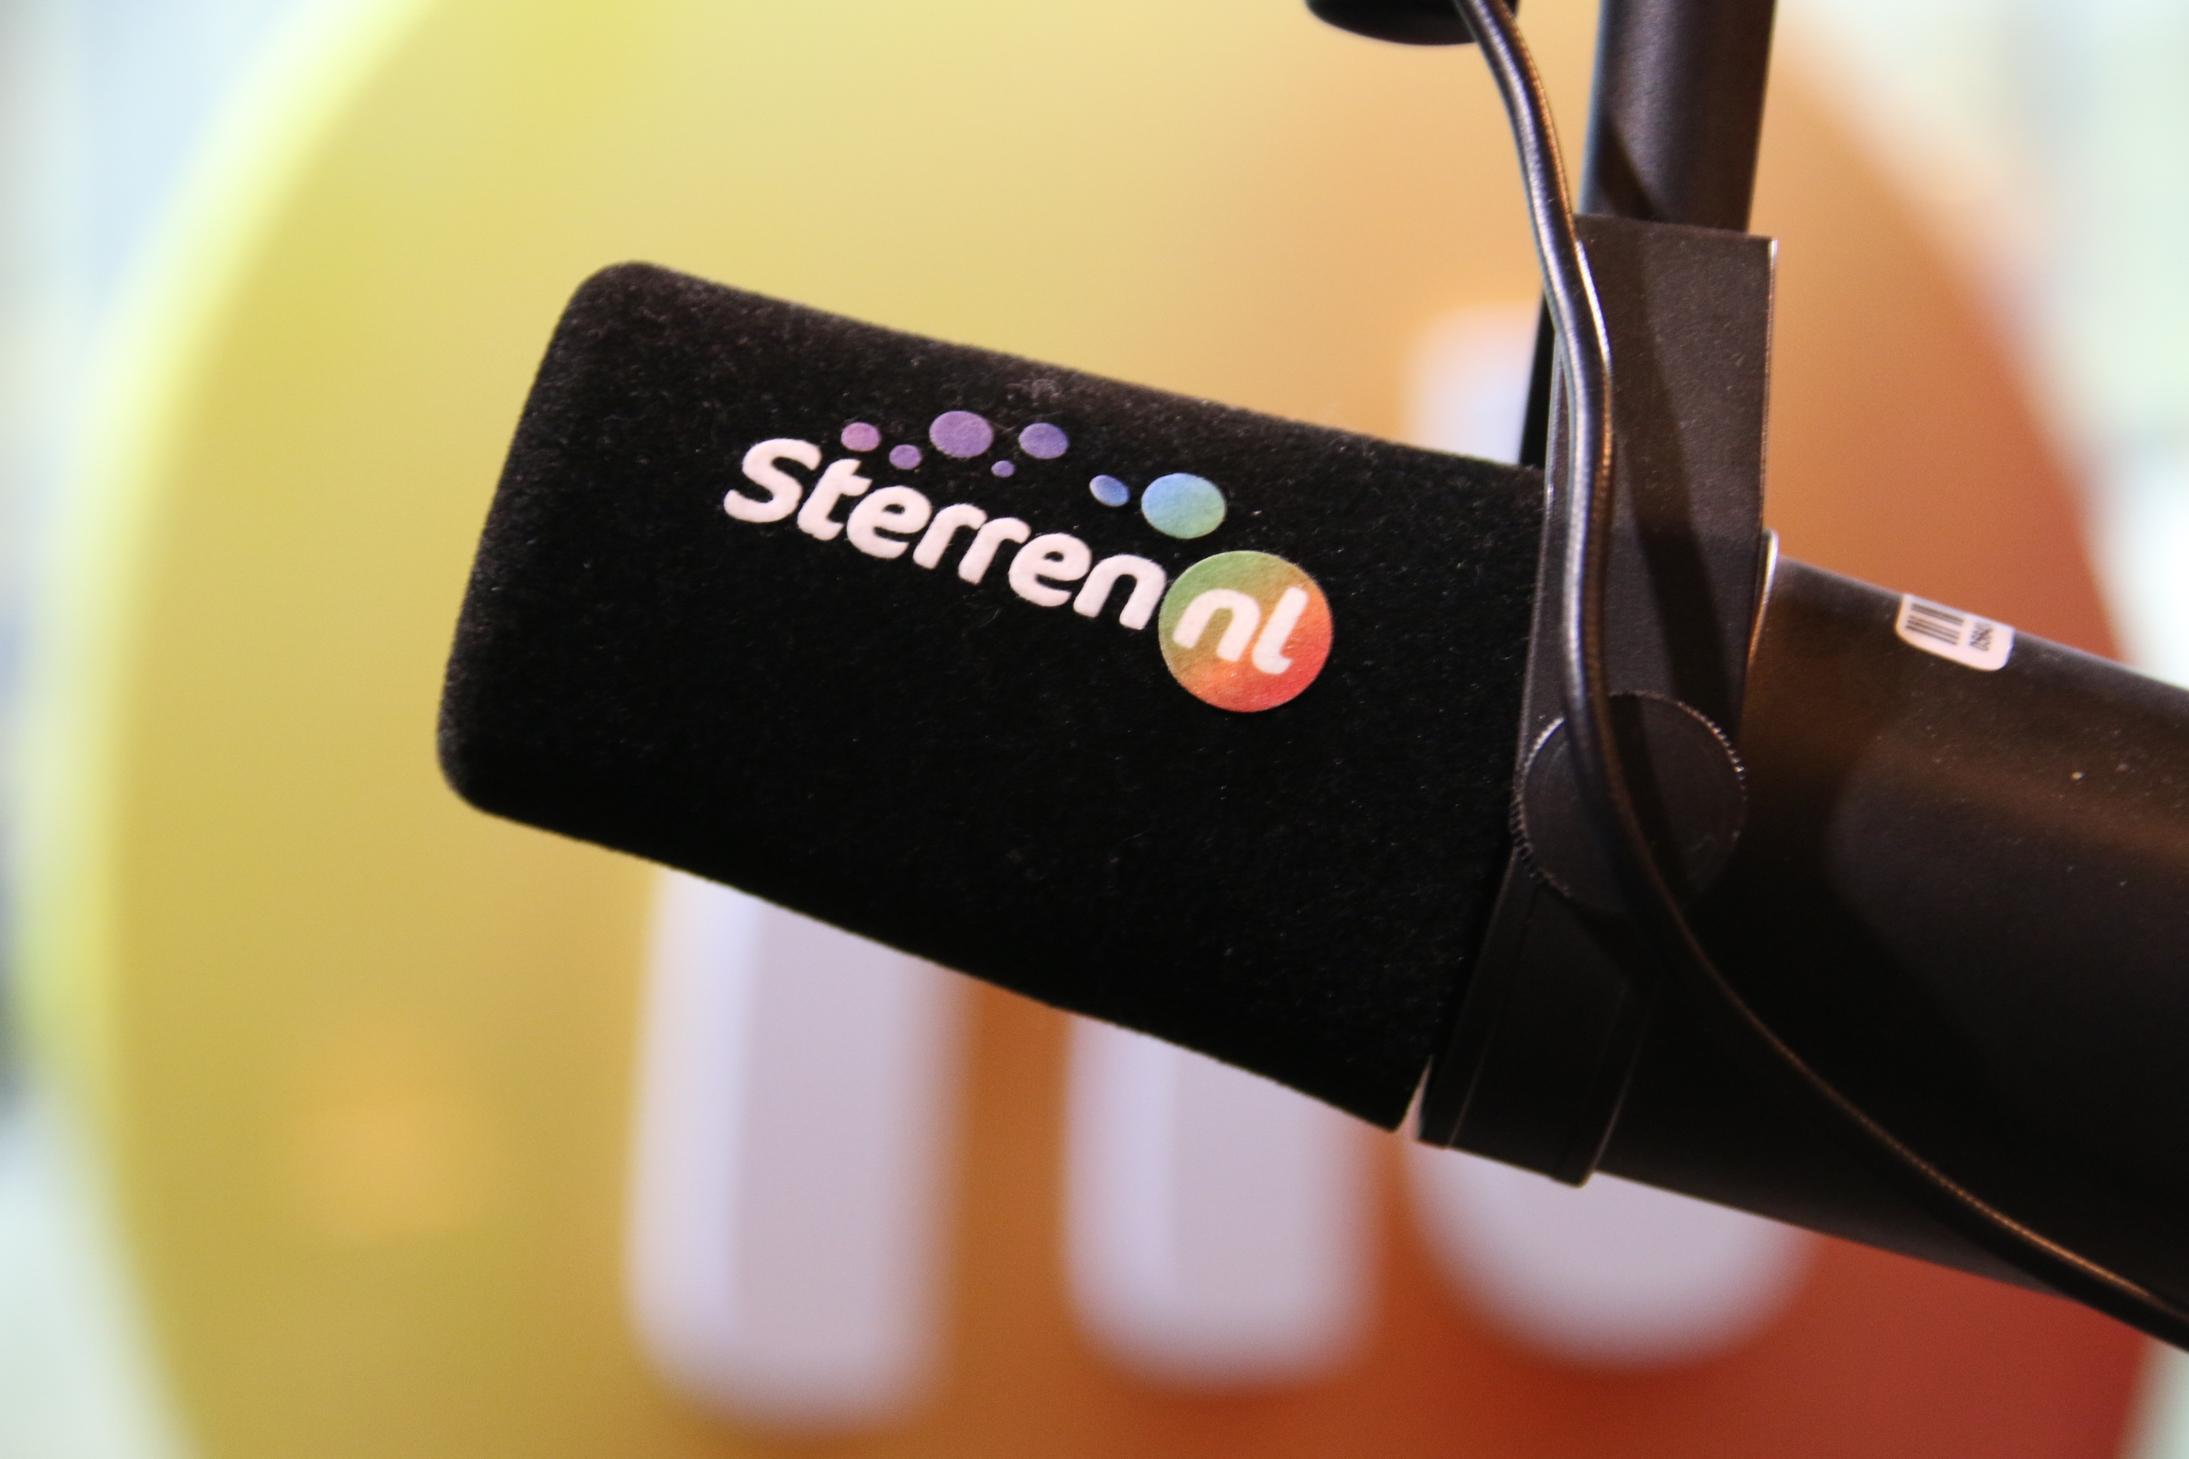 2016-08-25-SterrenNL-0004.jpg